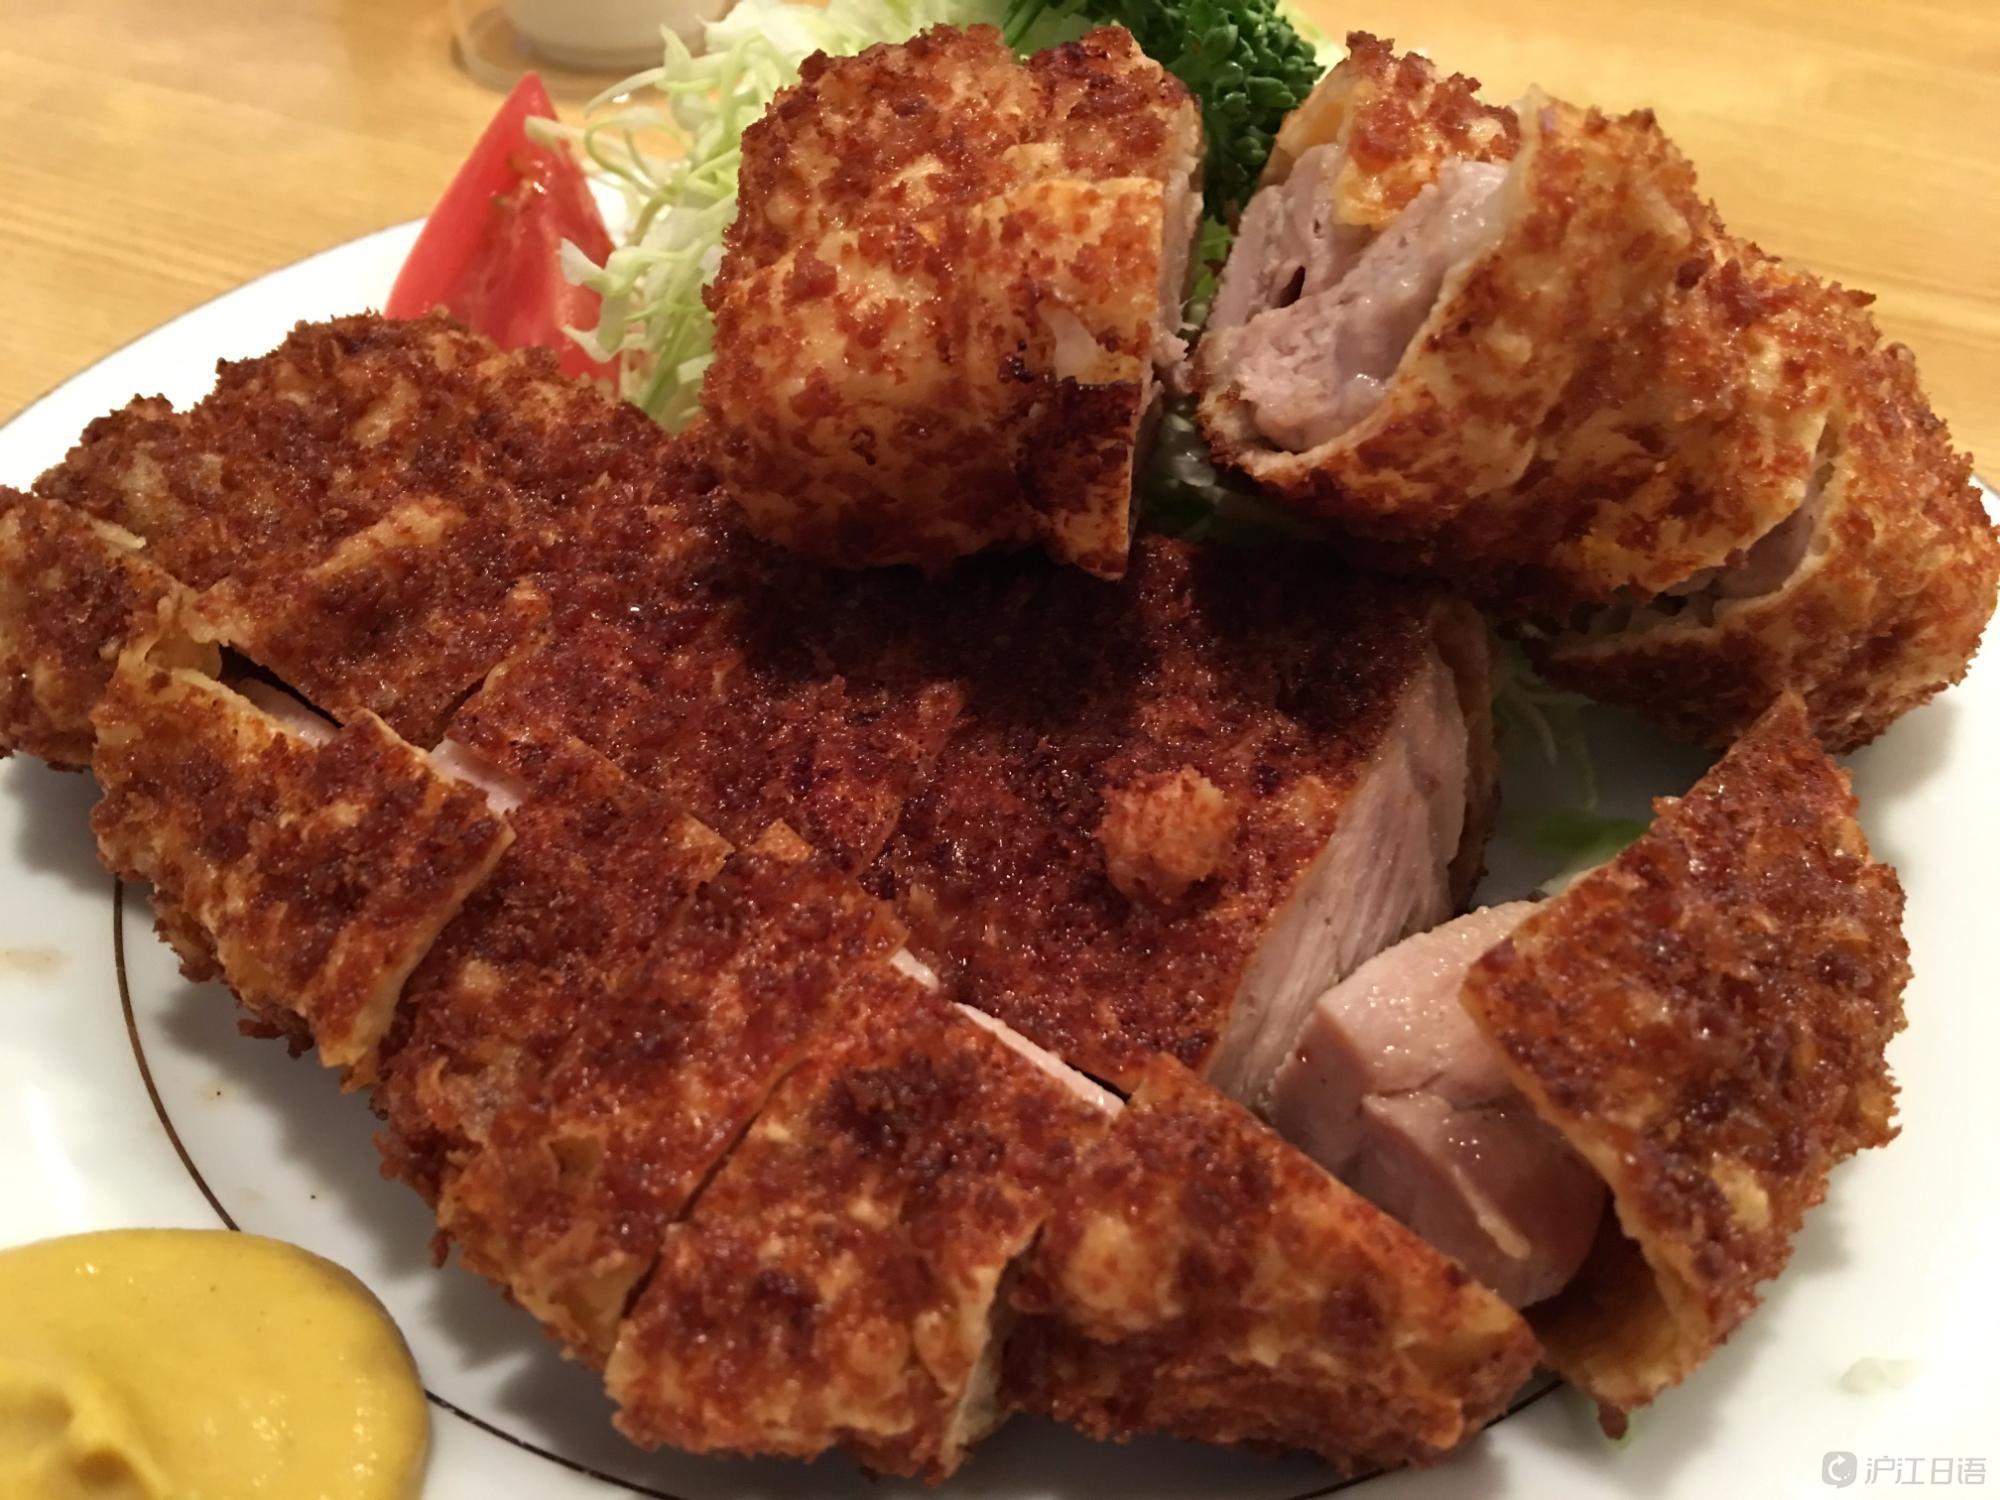 东京视频沪江v视频:Tonki和韵松亭_新日语老店美食连射的图片